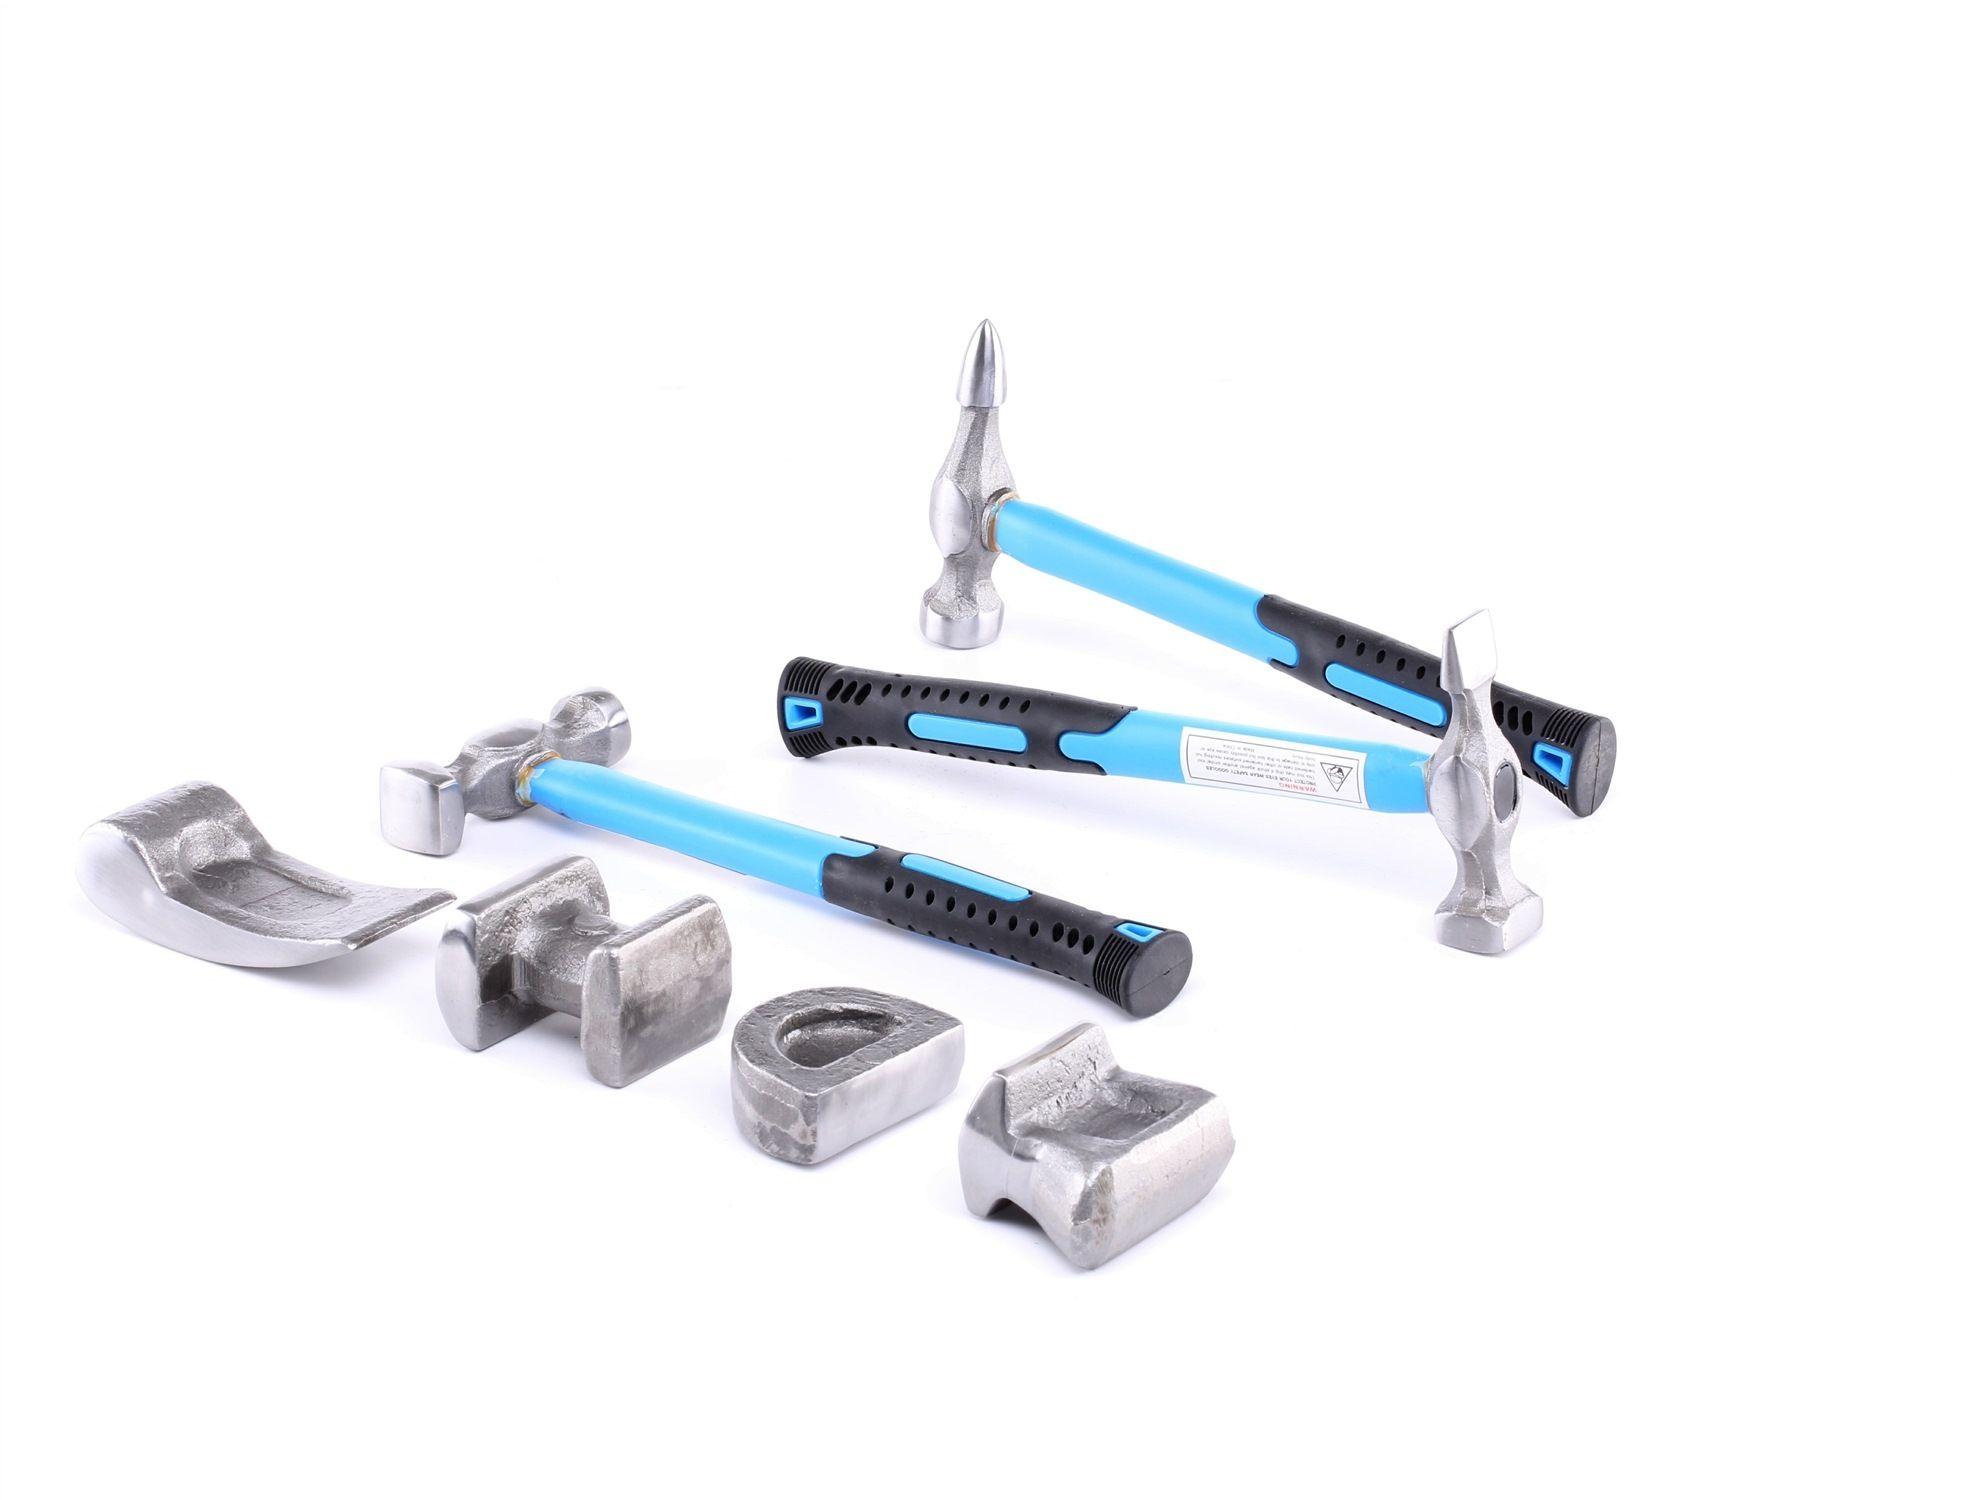 NE00352 ENERGY Anzahl Werkzeuge: 7 Ausbeulhammer-Satz NE00352 günstig kaufen